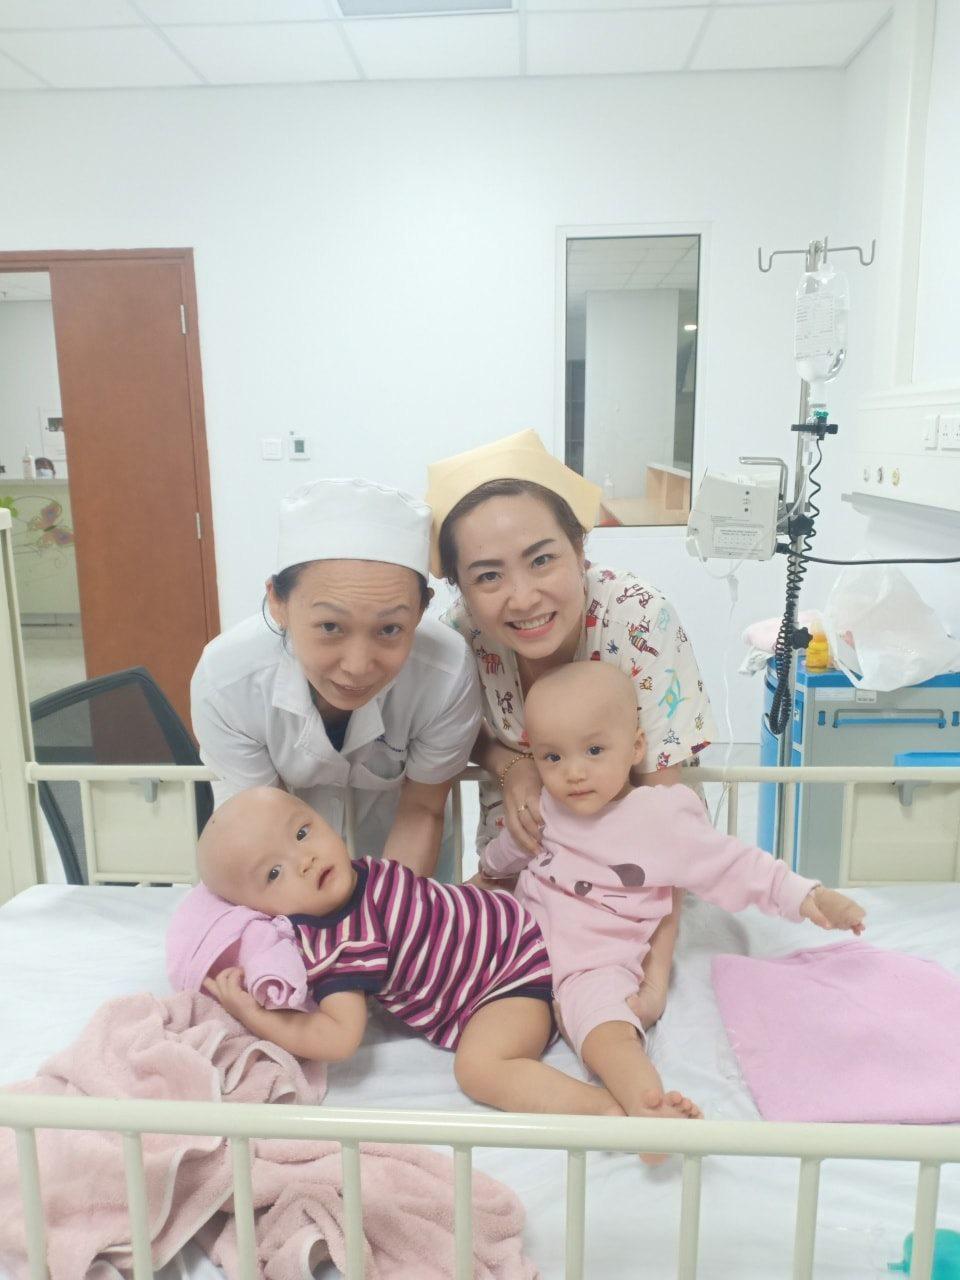 Song sinh dính liền: Nguyên nhân, triệu chứng, phẫu thuật và tỷ lệ sống sót - Ảnh 2.